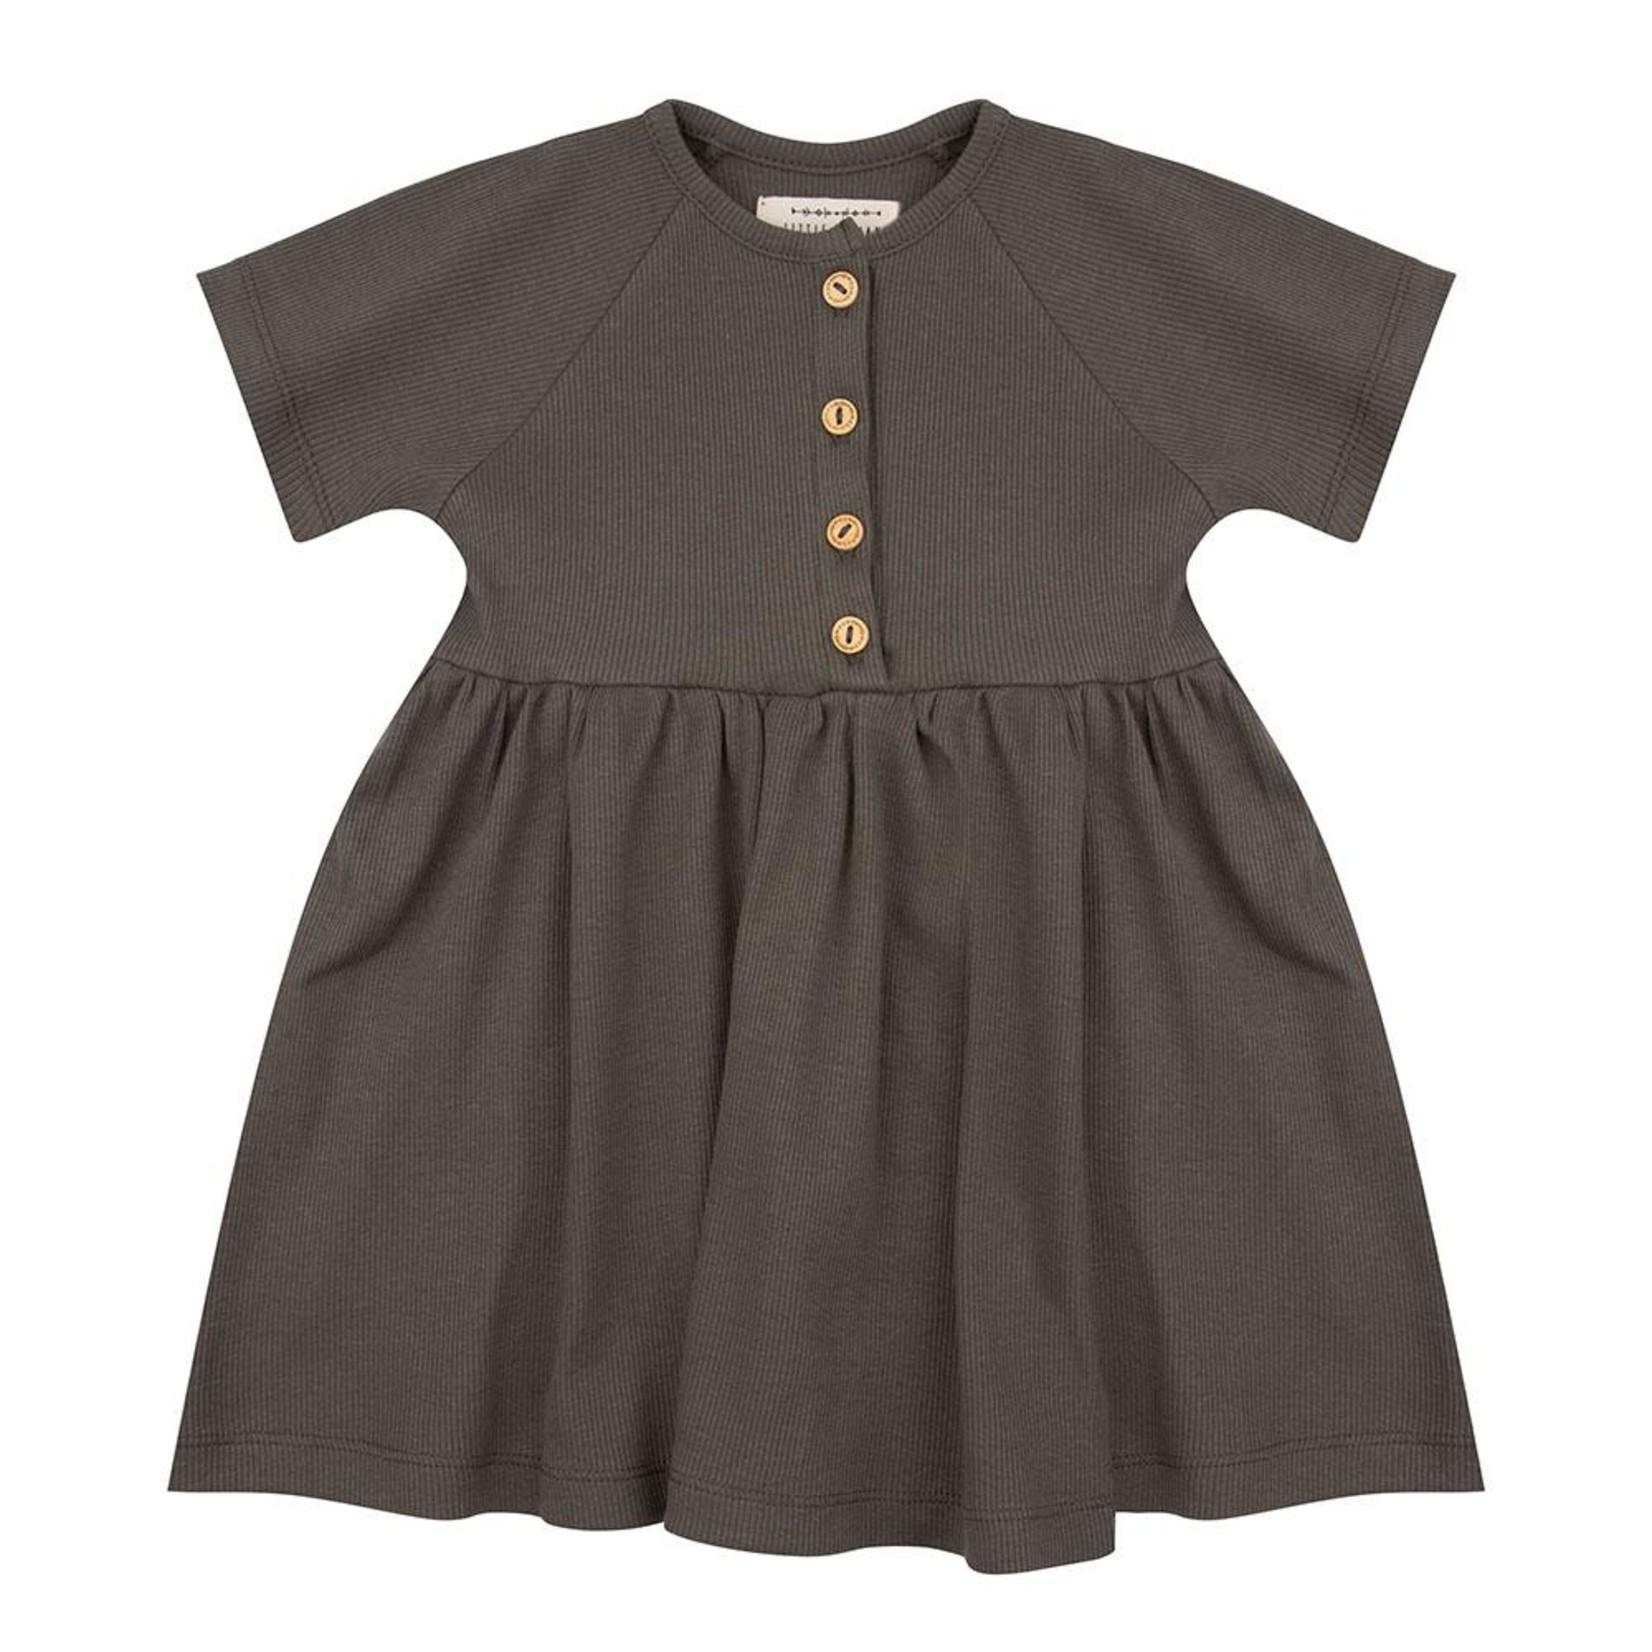 Little Indians Little Indians   Dress - Dusty Olive